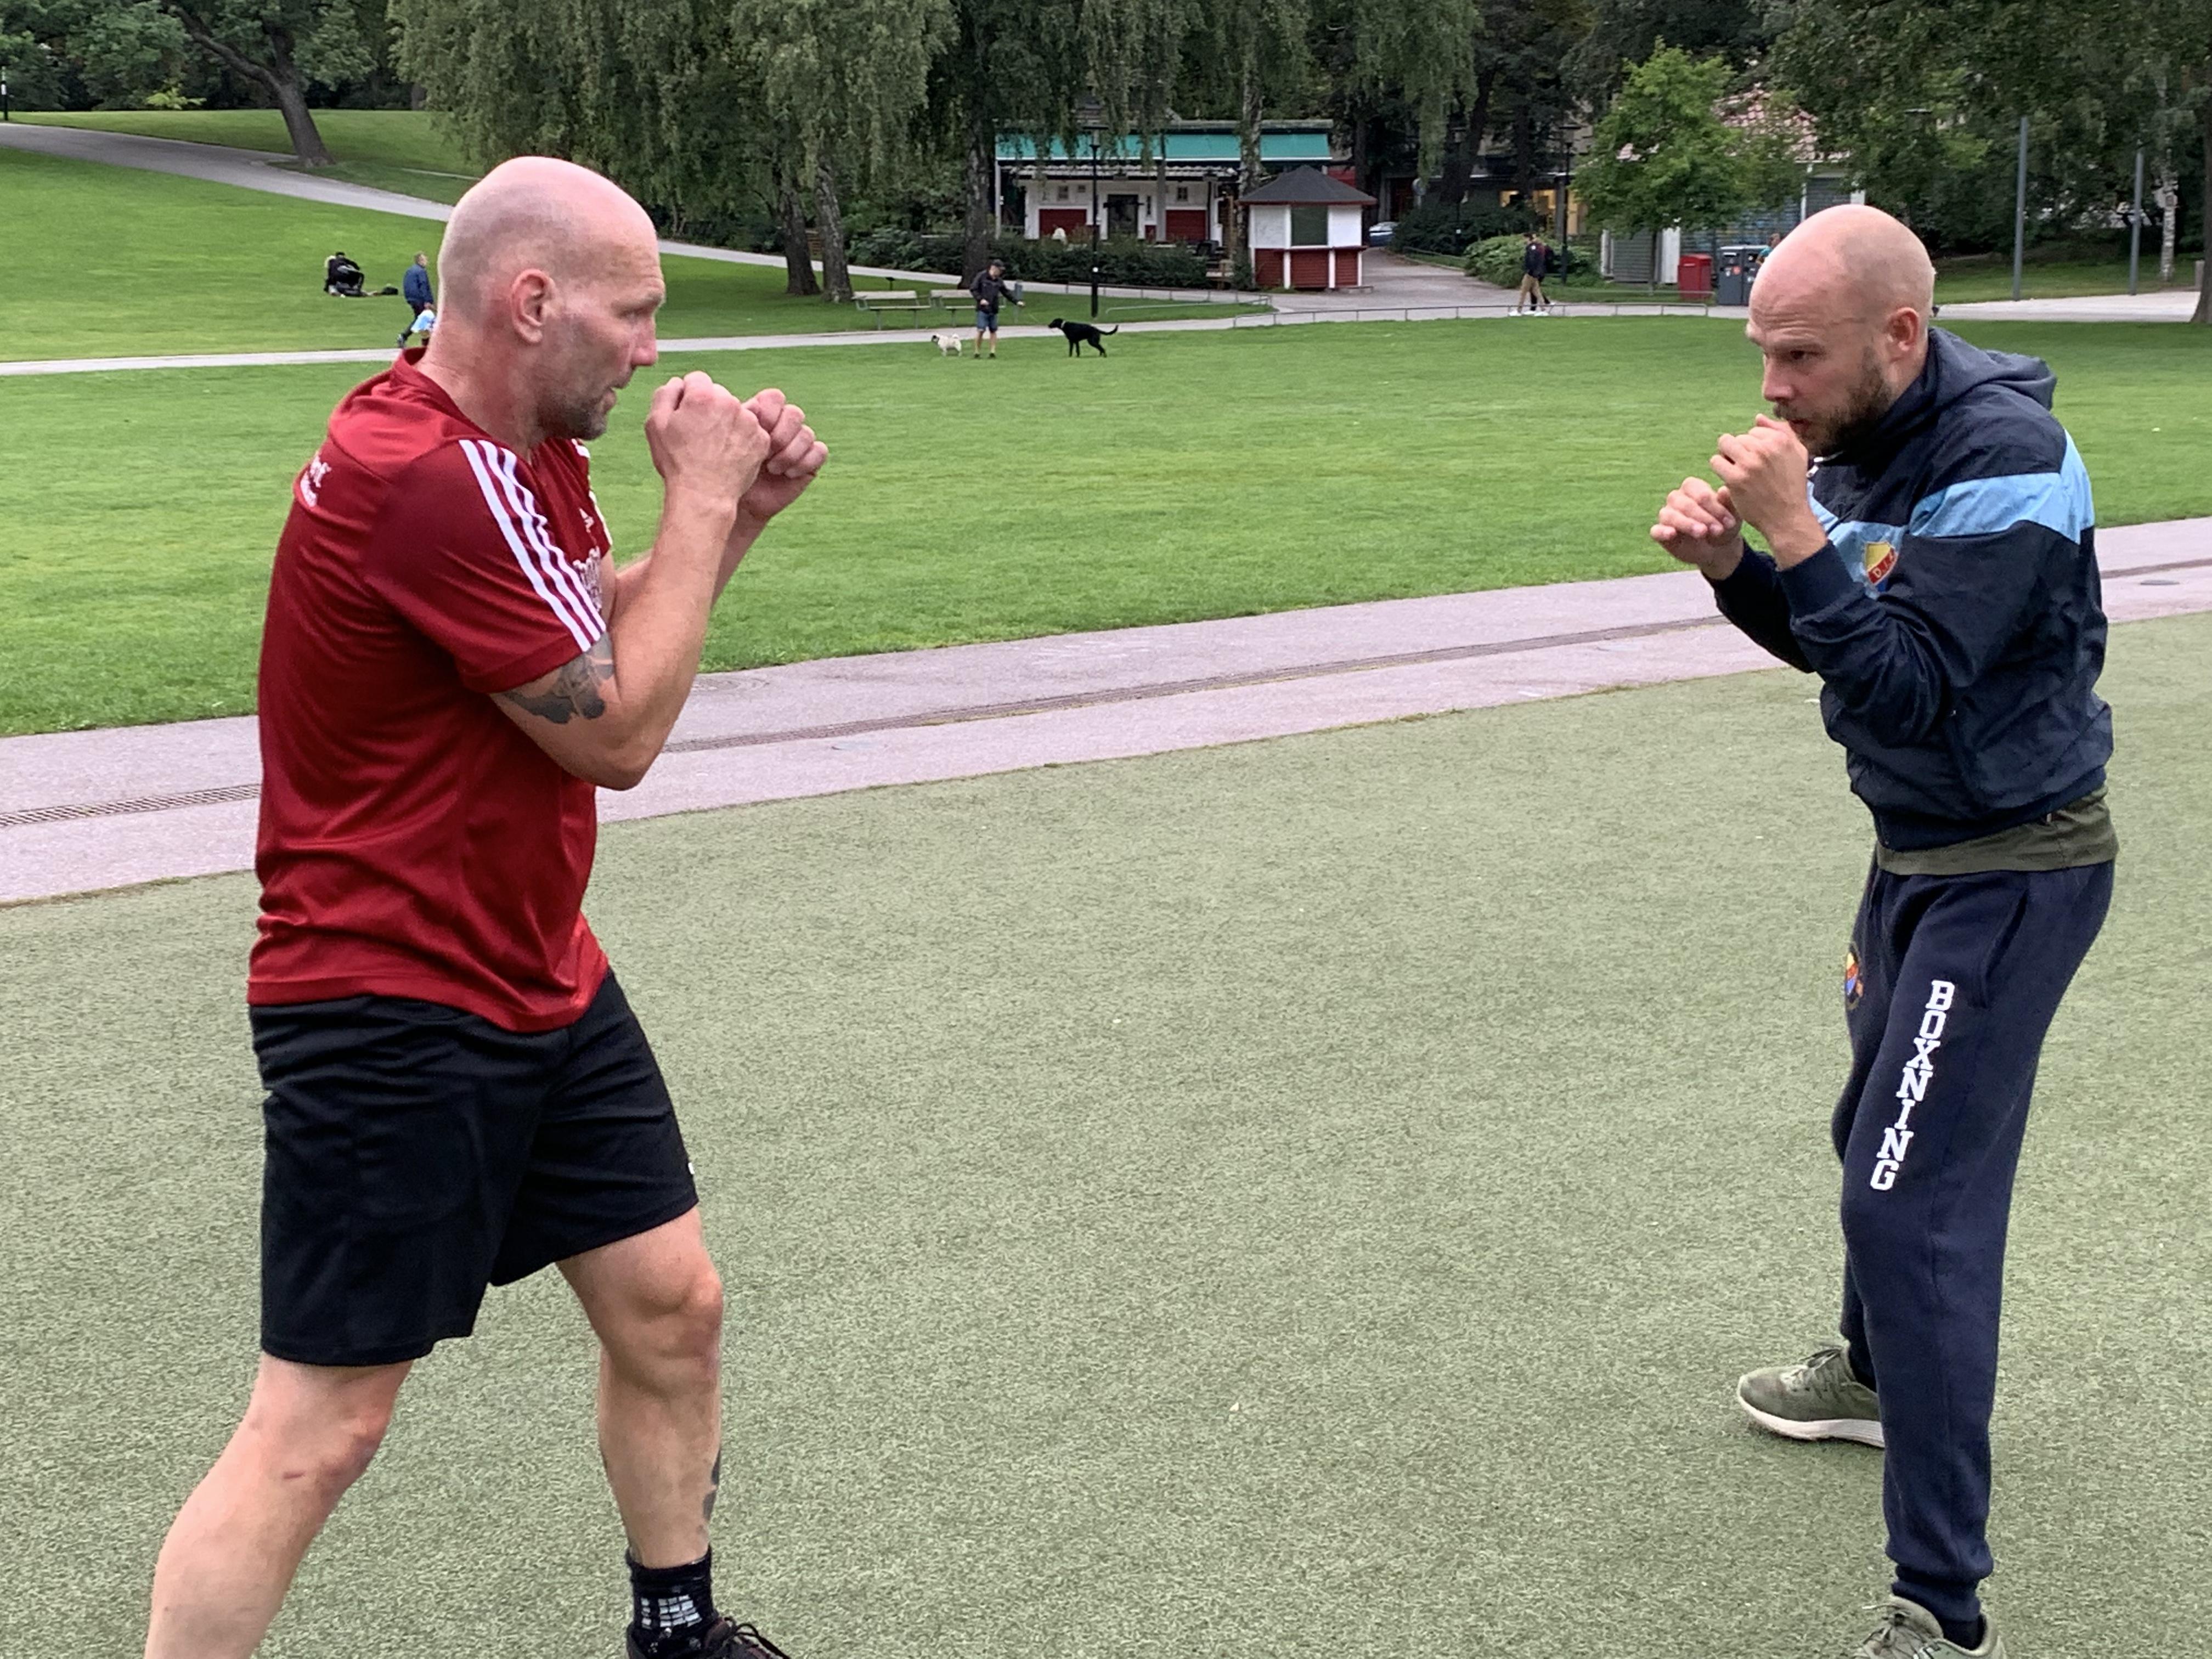 Boxare eller fotbollsspelare?